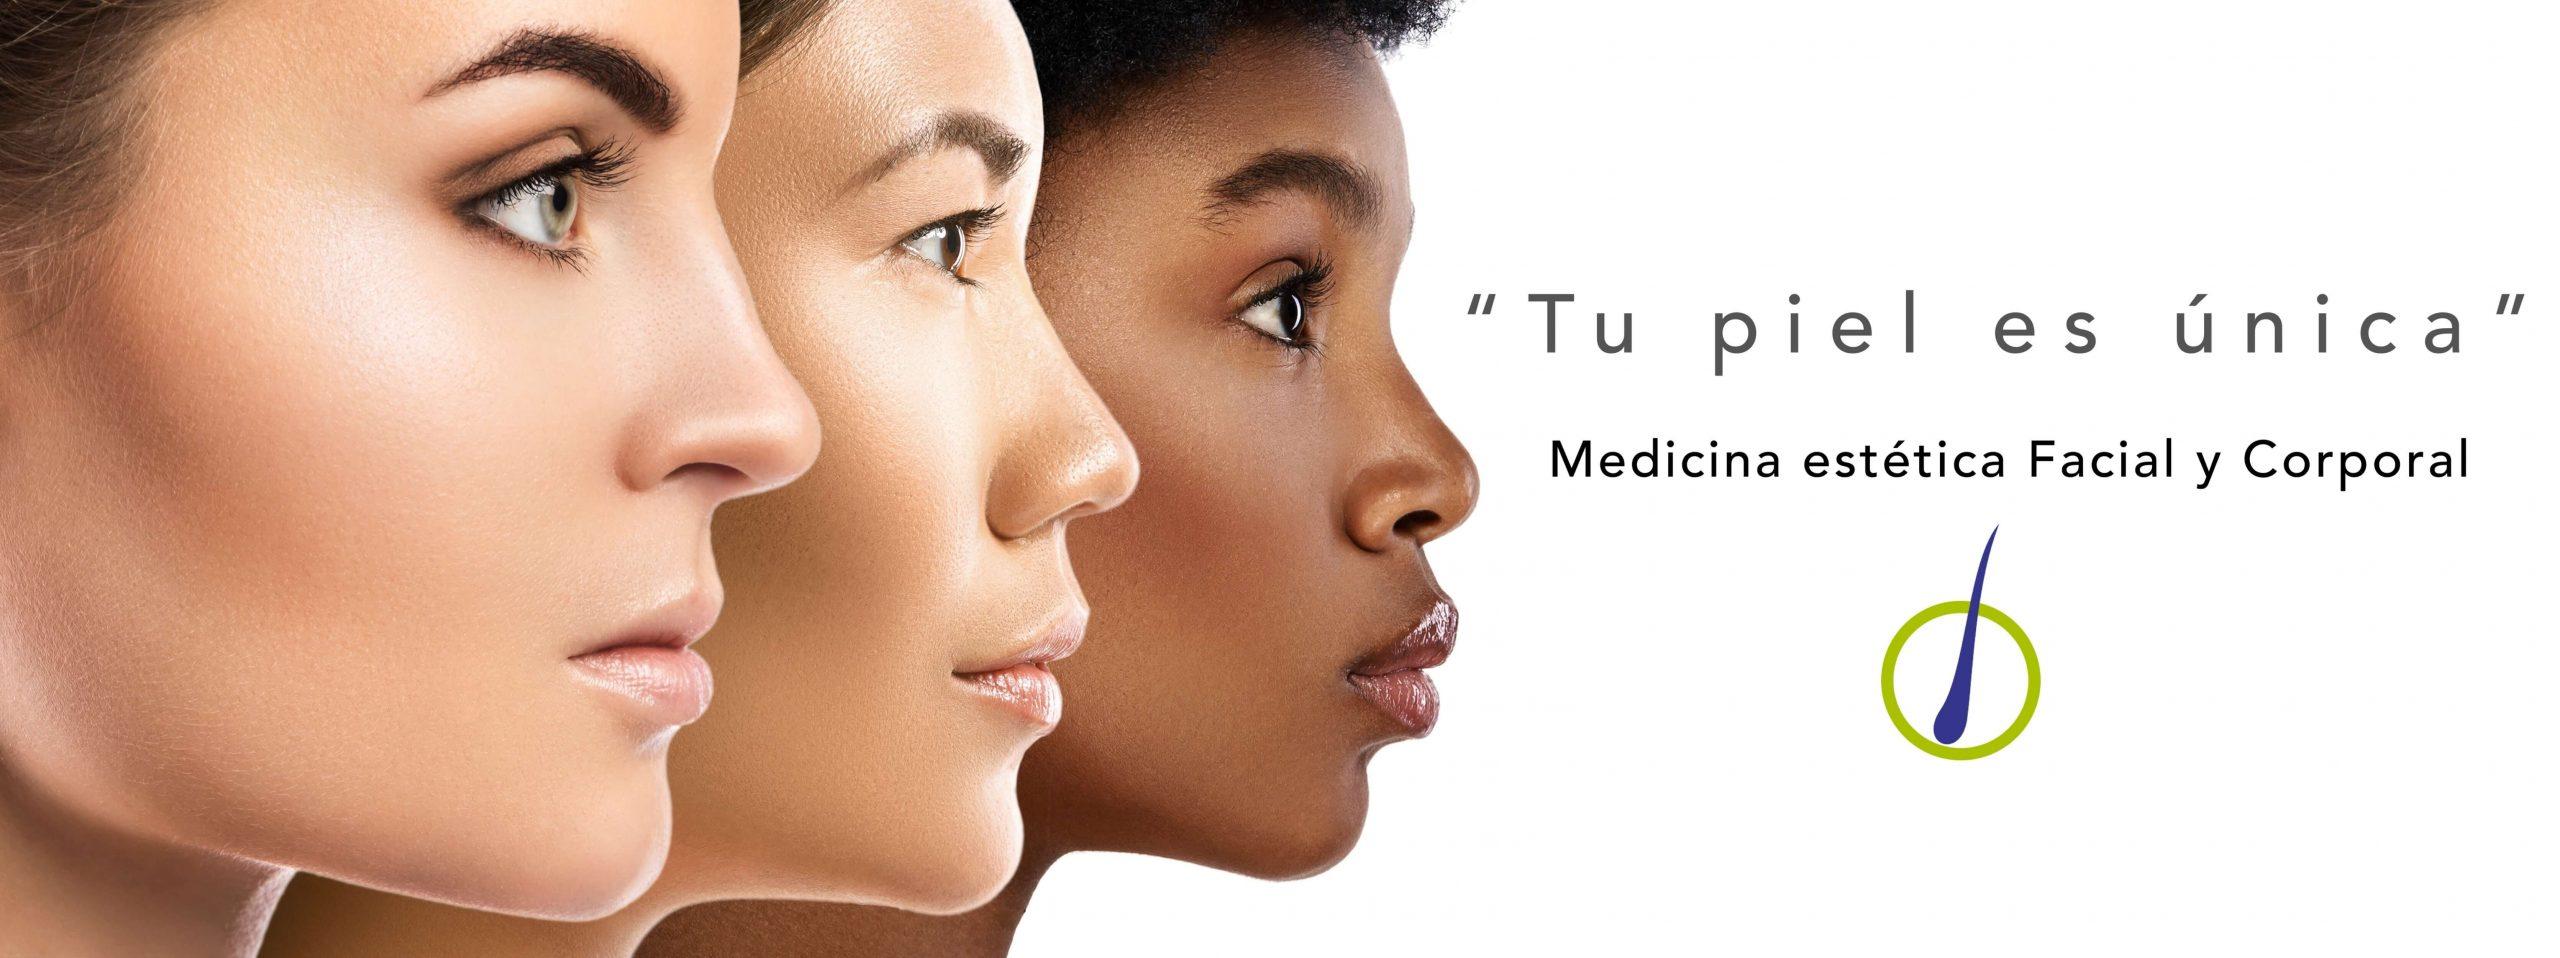 promociones medicina estetica valencia